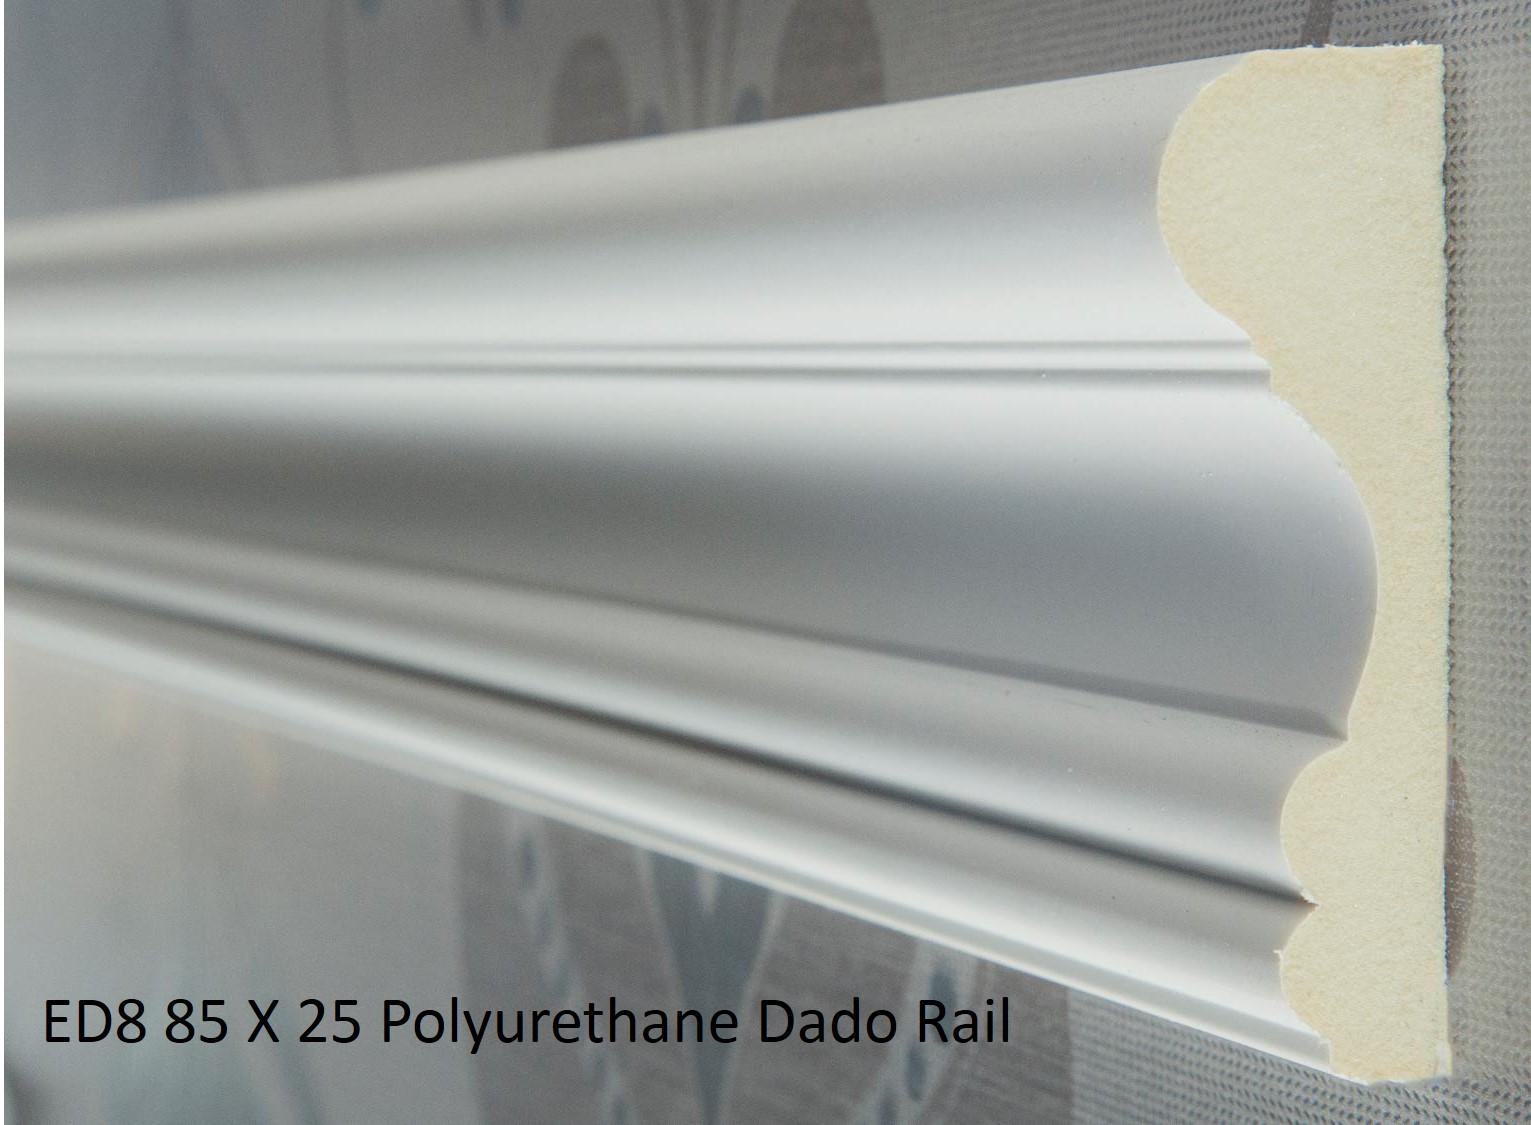 ED8 85 X 25 Polyurethane Dado Rail